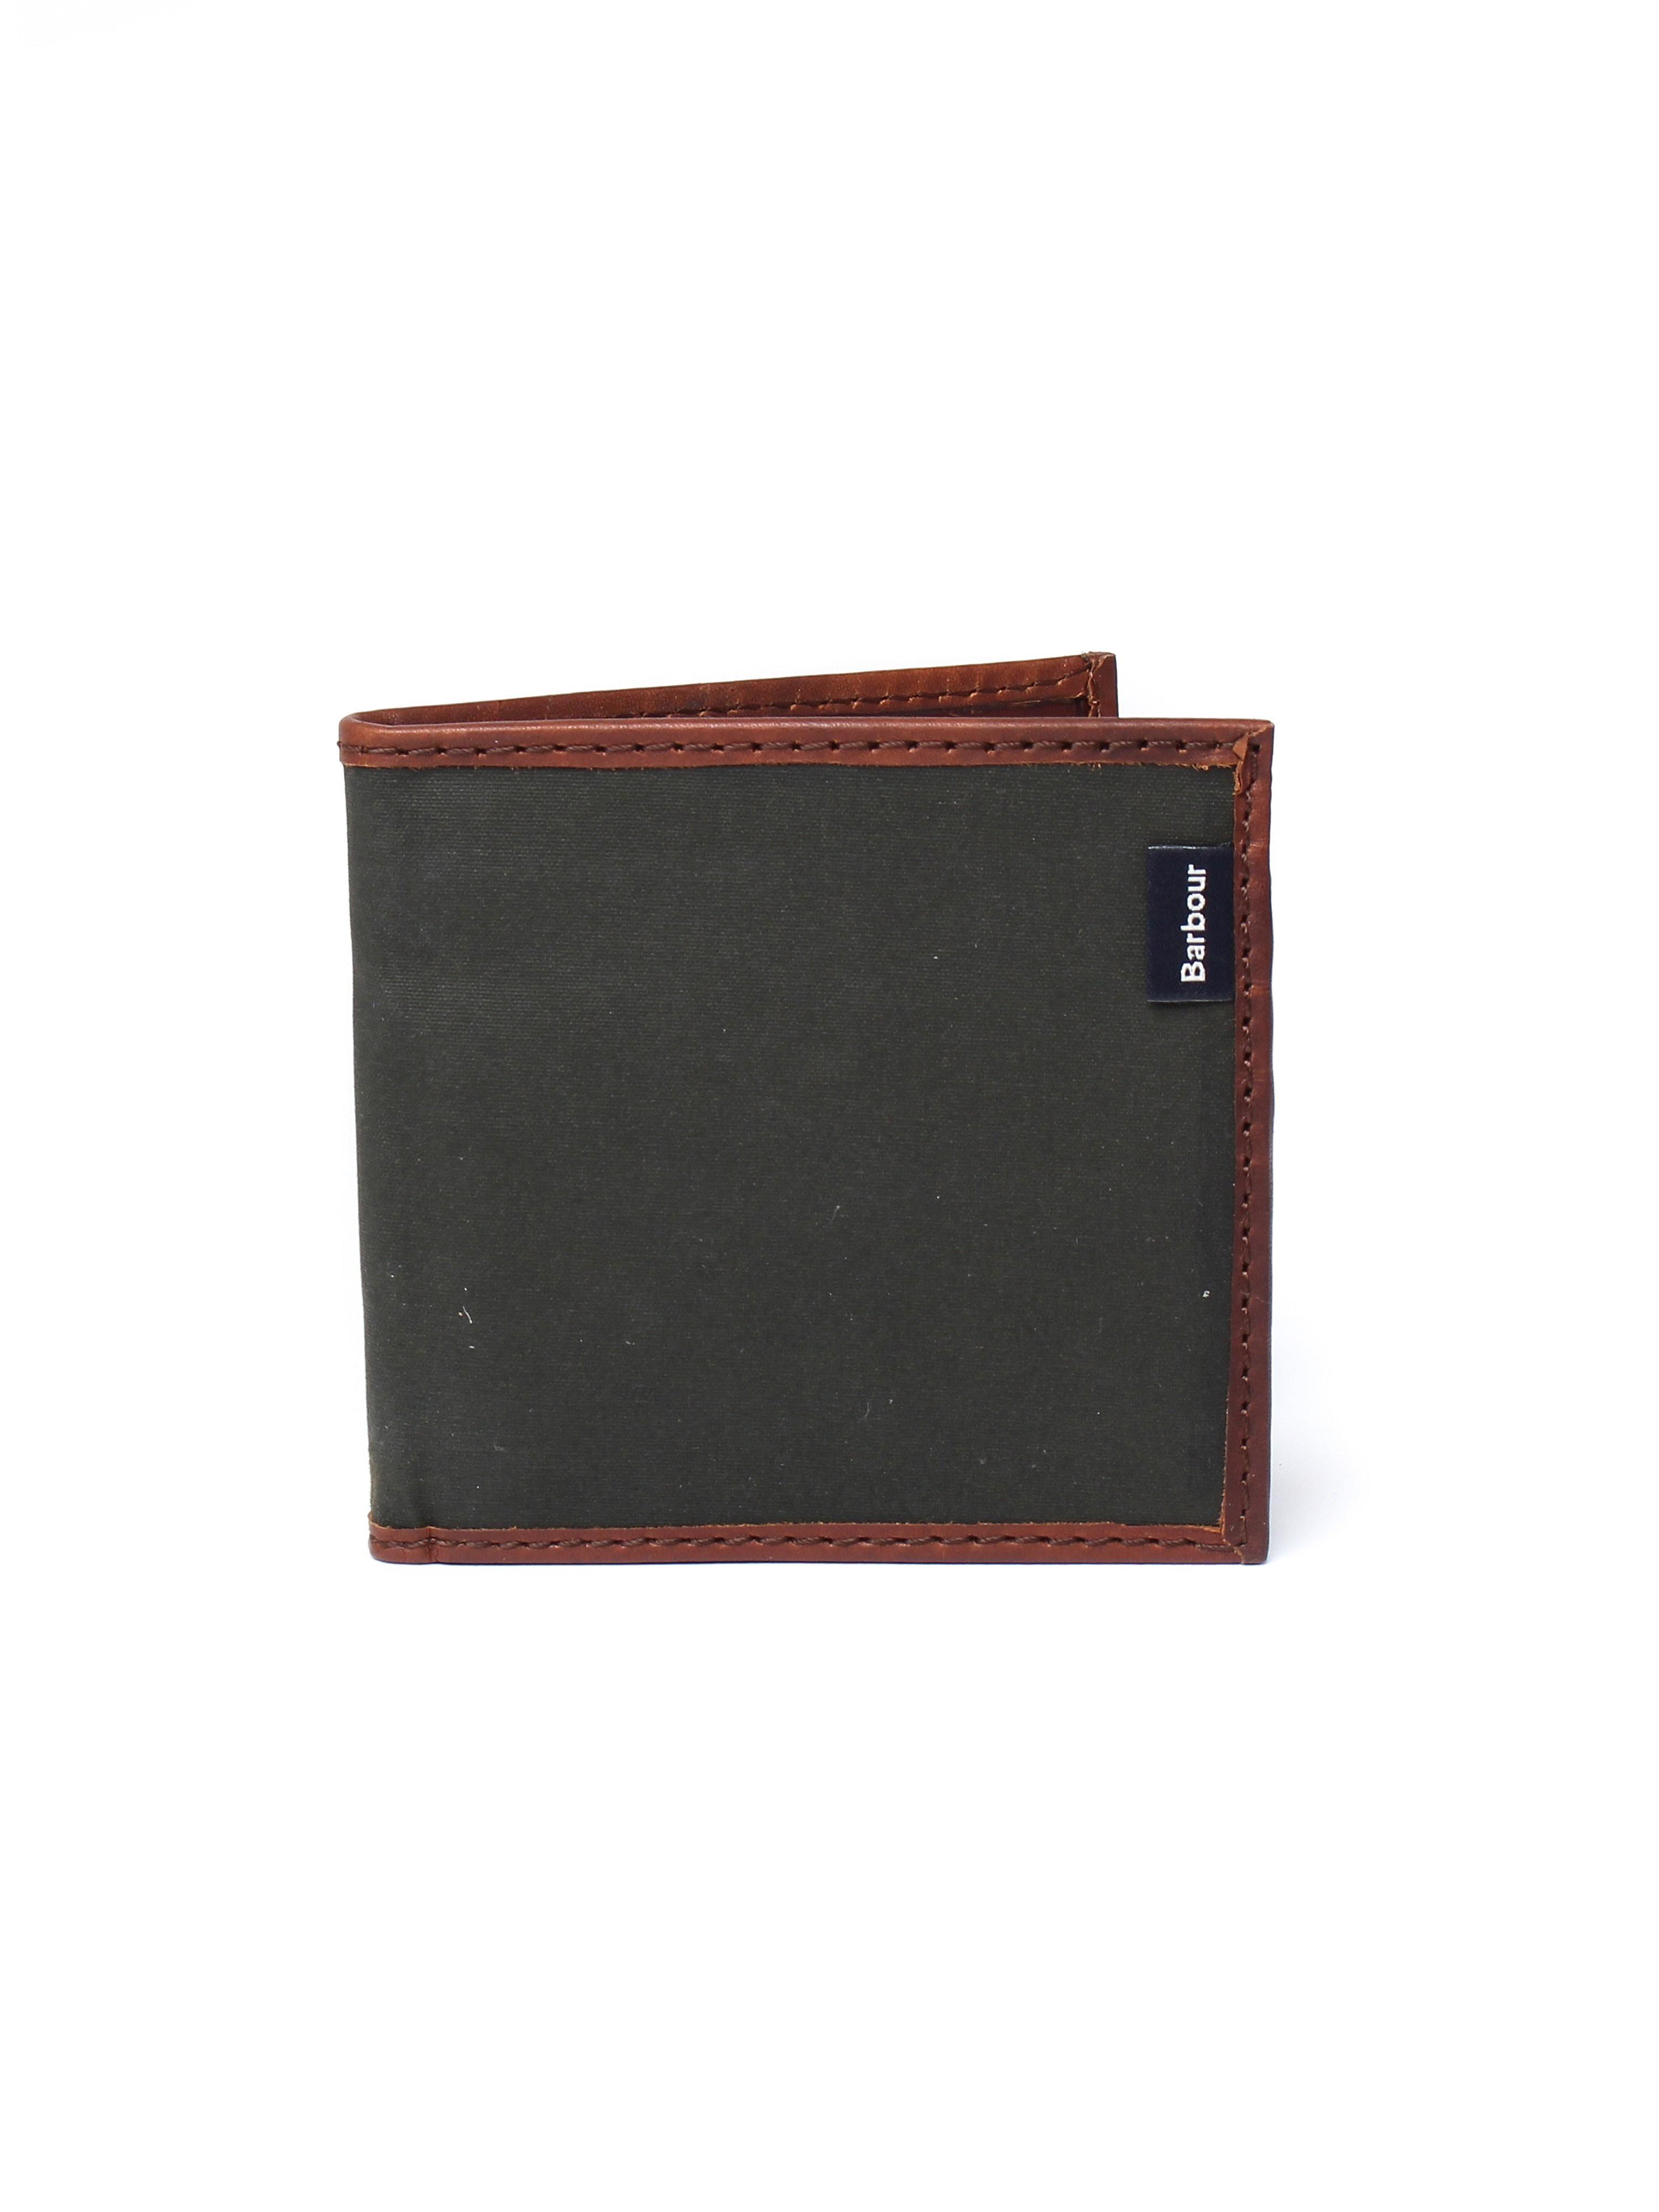 Barbour Men's Dry Wax Billfold Wallet - Olive